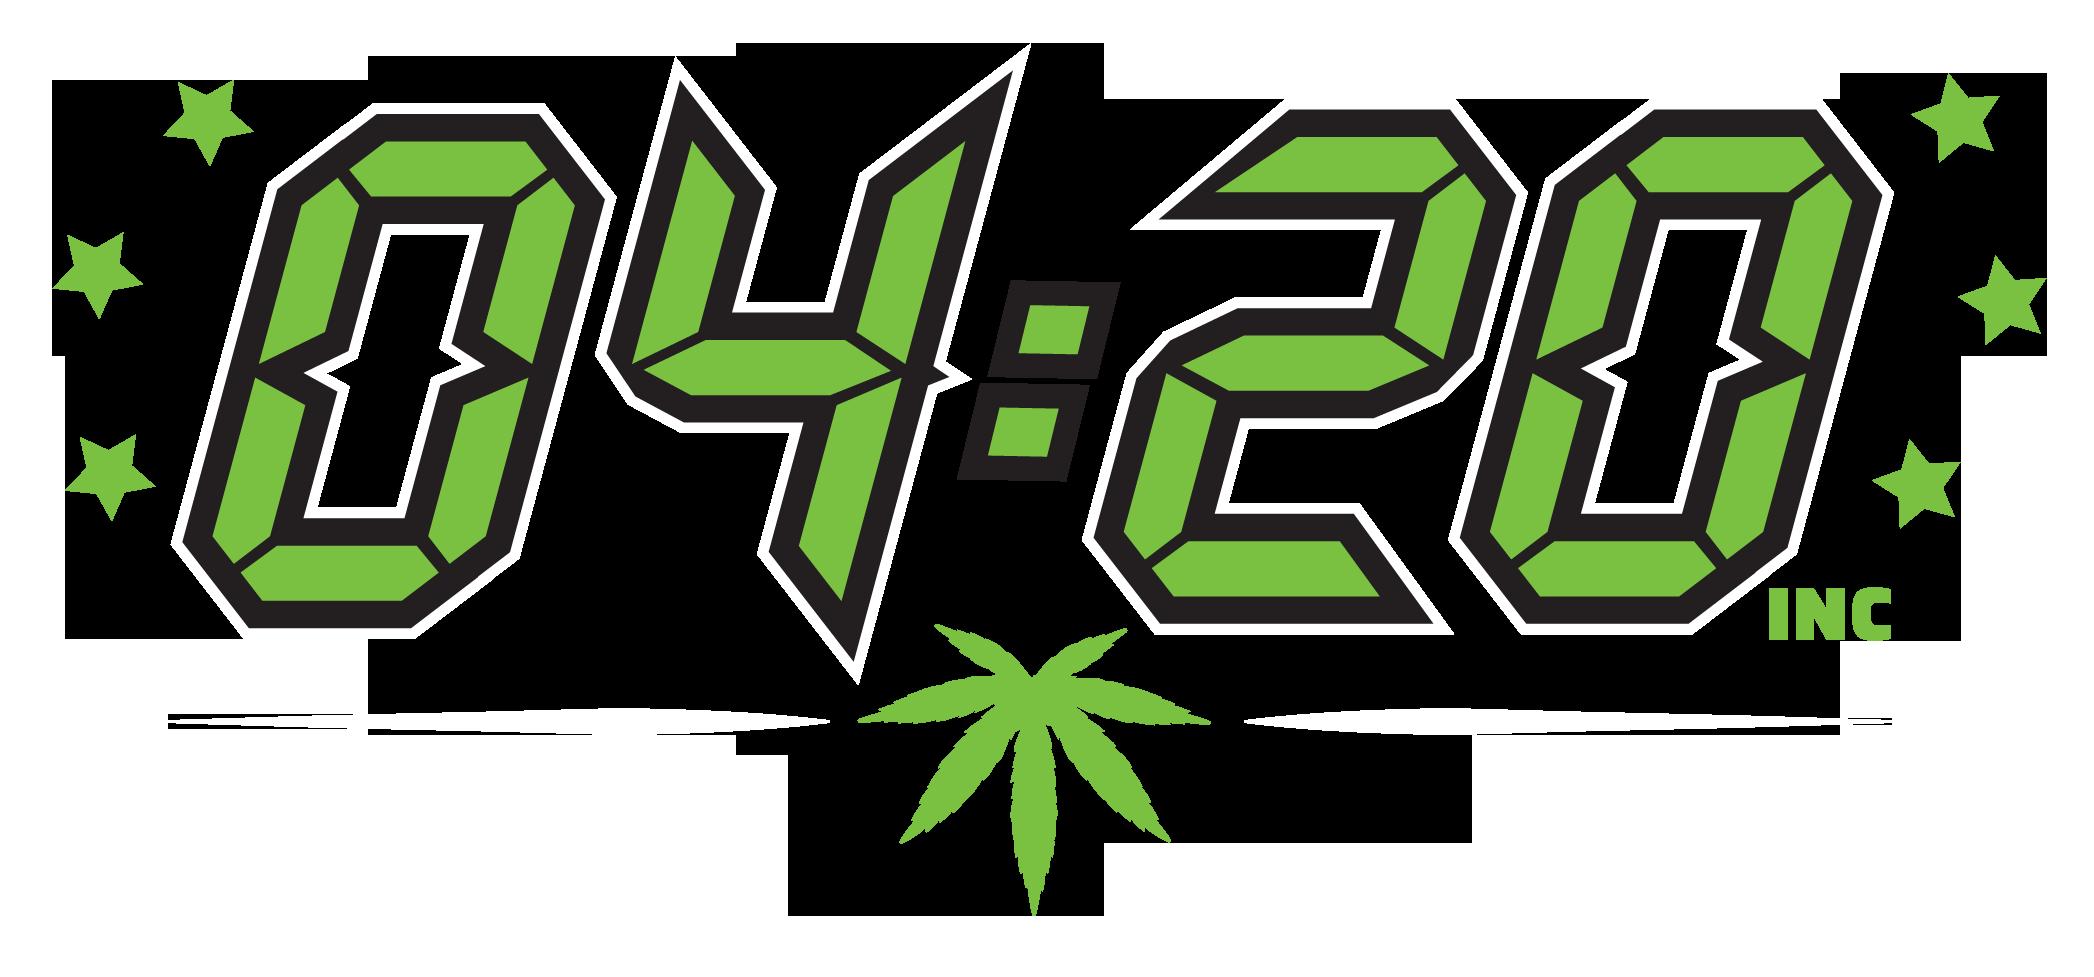 2018 Cannabis Career Fair 0420 Inc